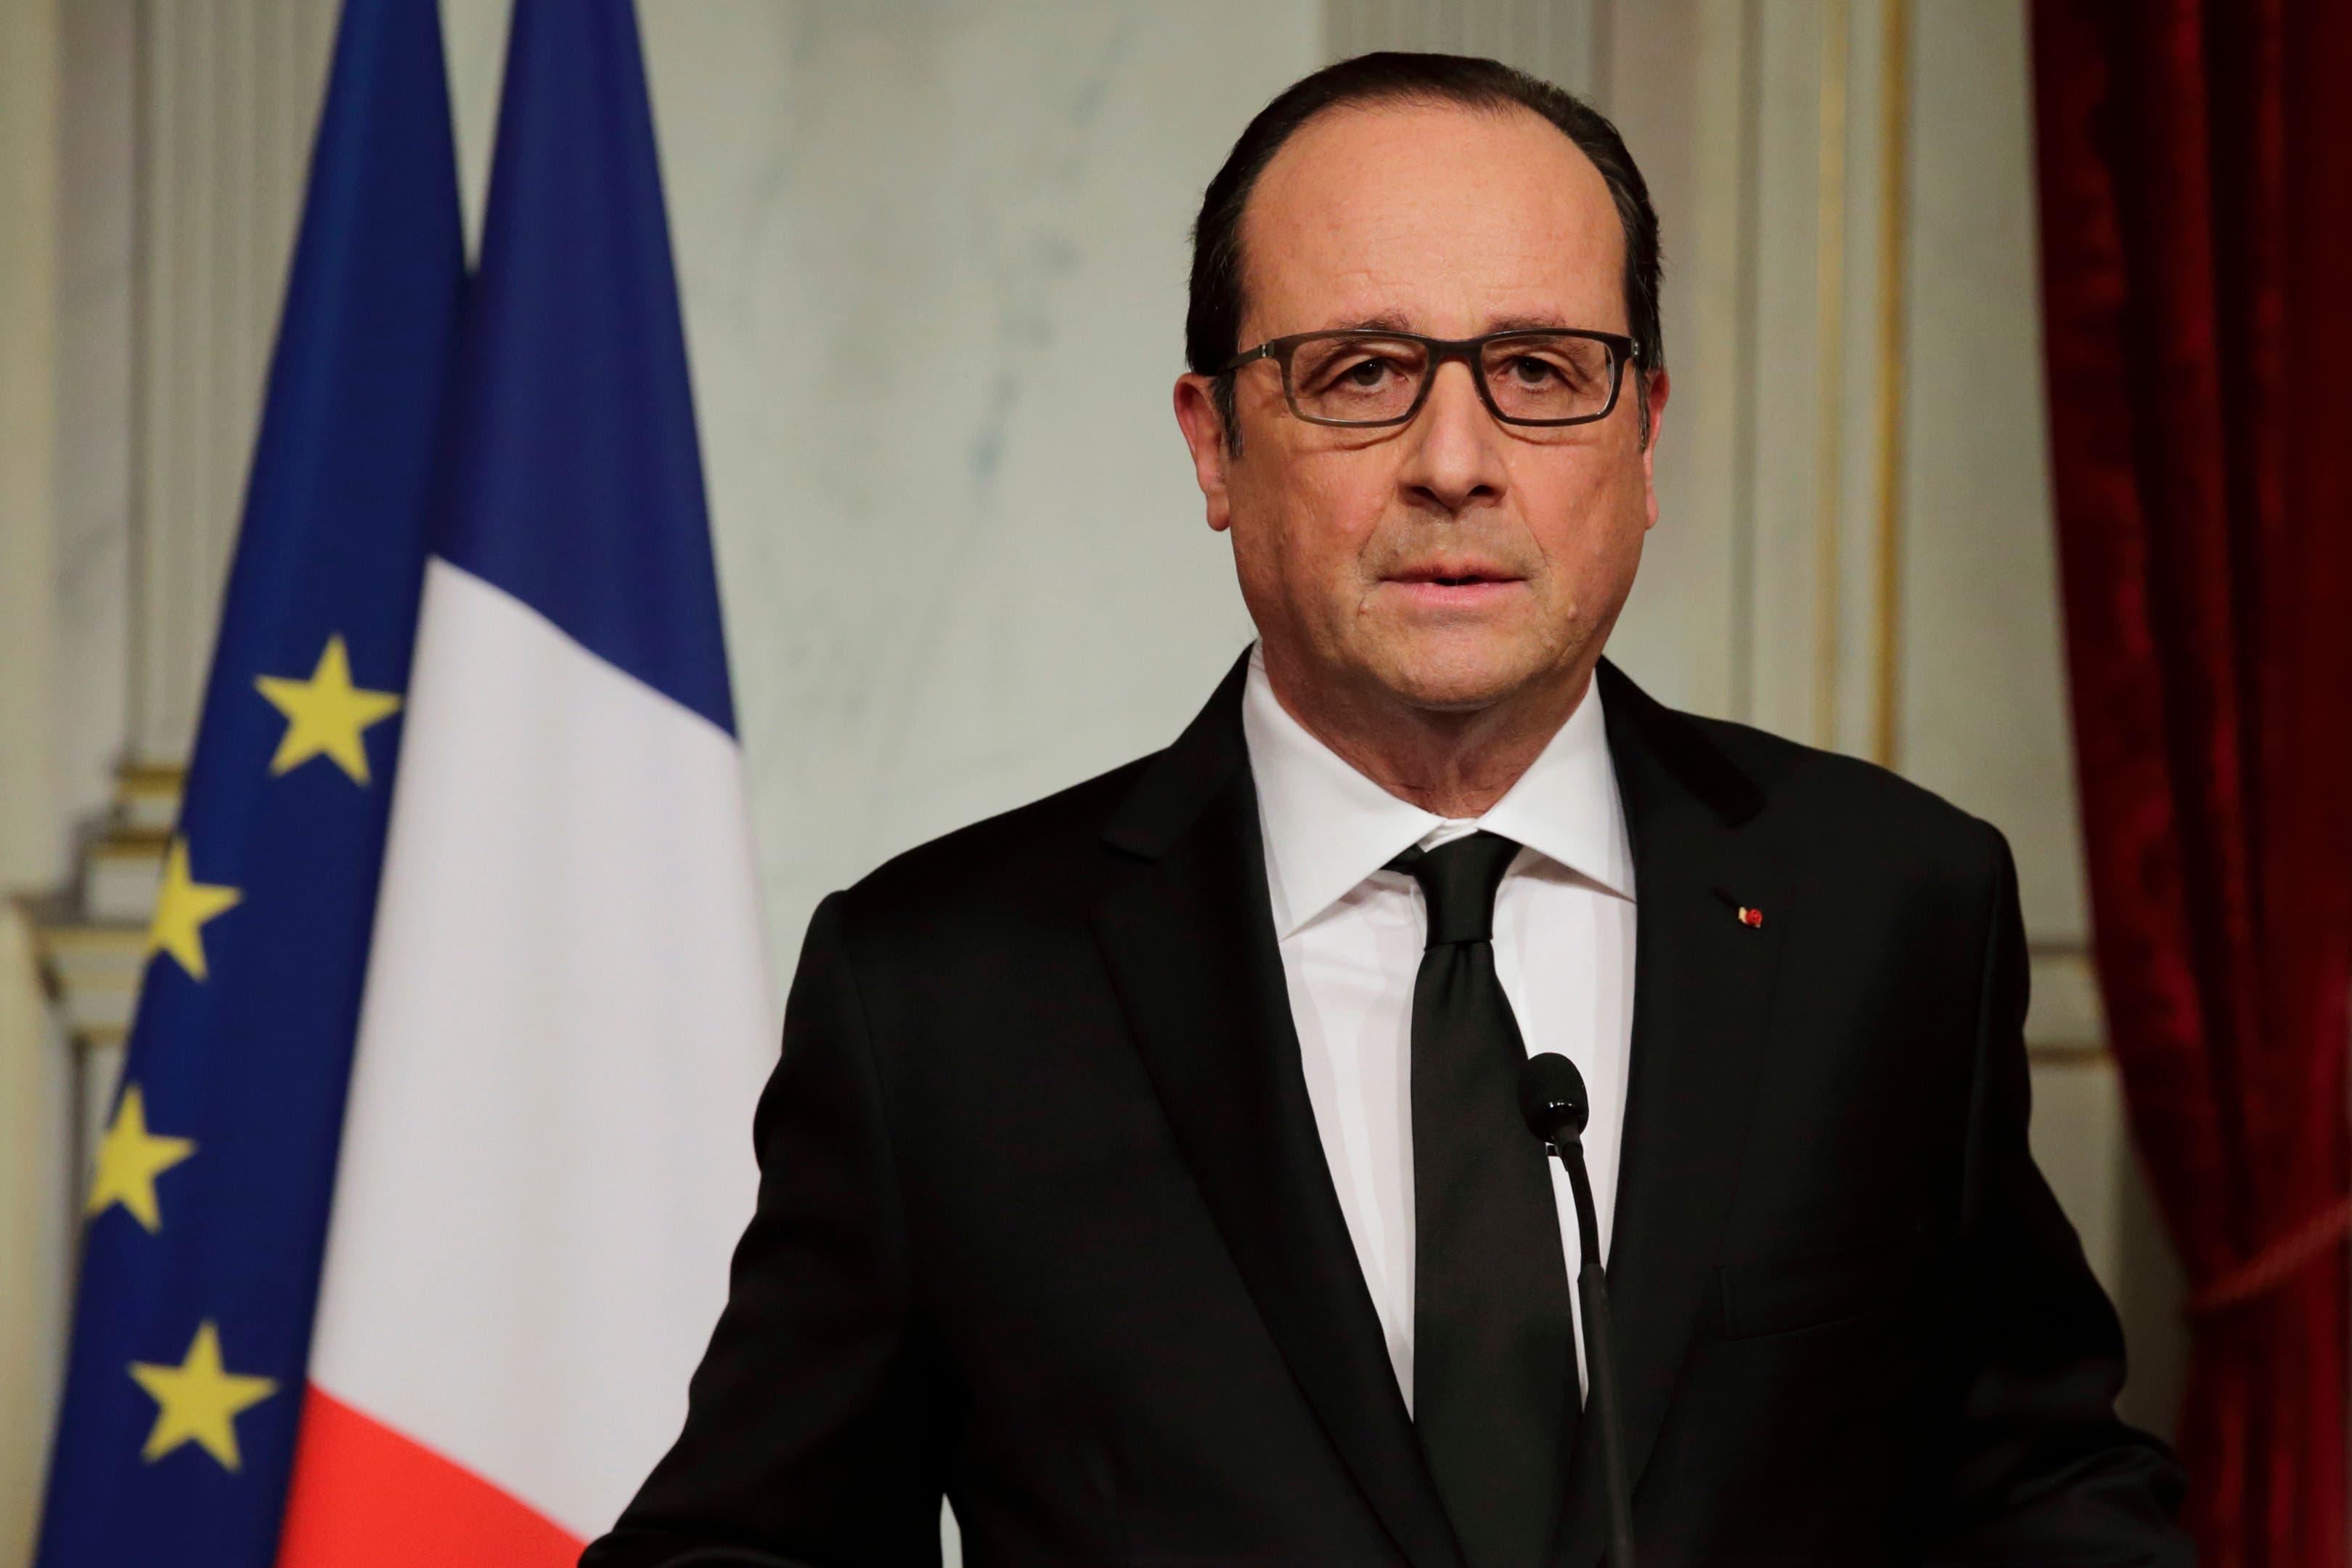 Hollande viajará a Haití el 12 de mayo, tras visitar Cuba